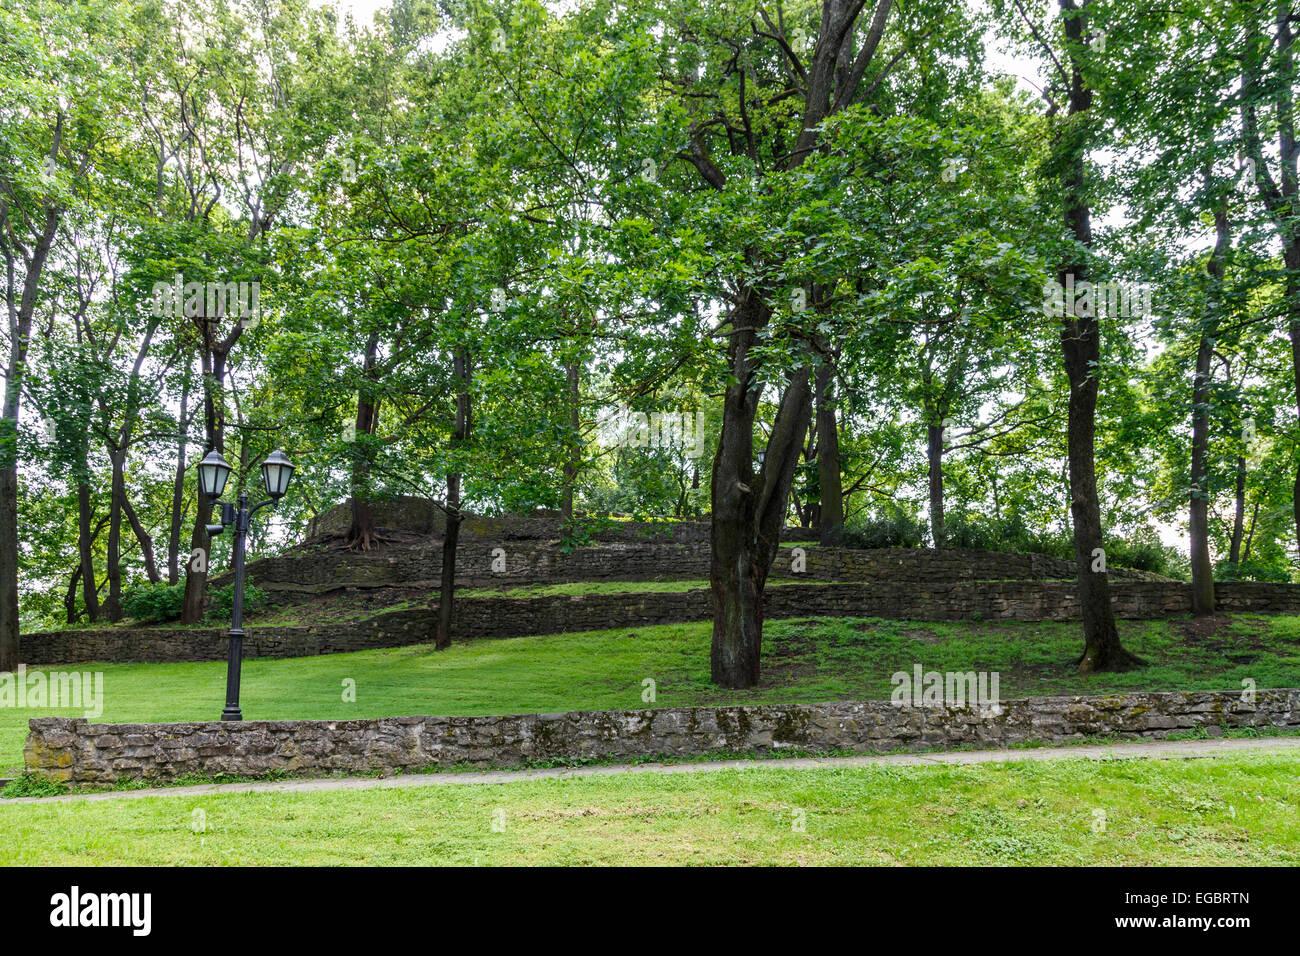 Bastejkalns (Bastion Hill) Park, Riga, Latvia - Stock Image